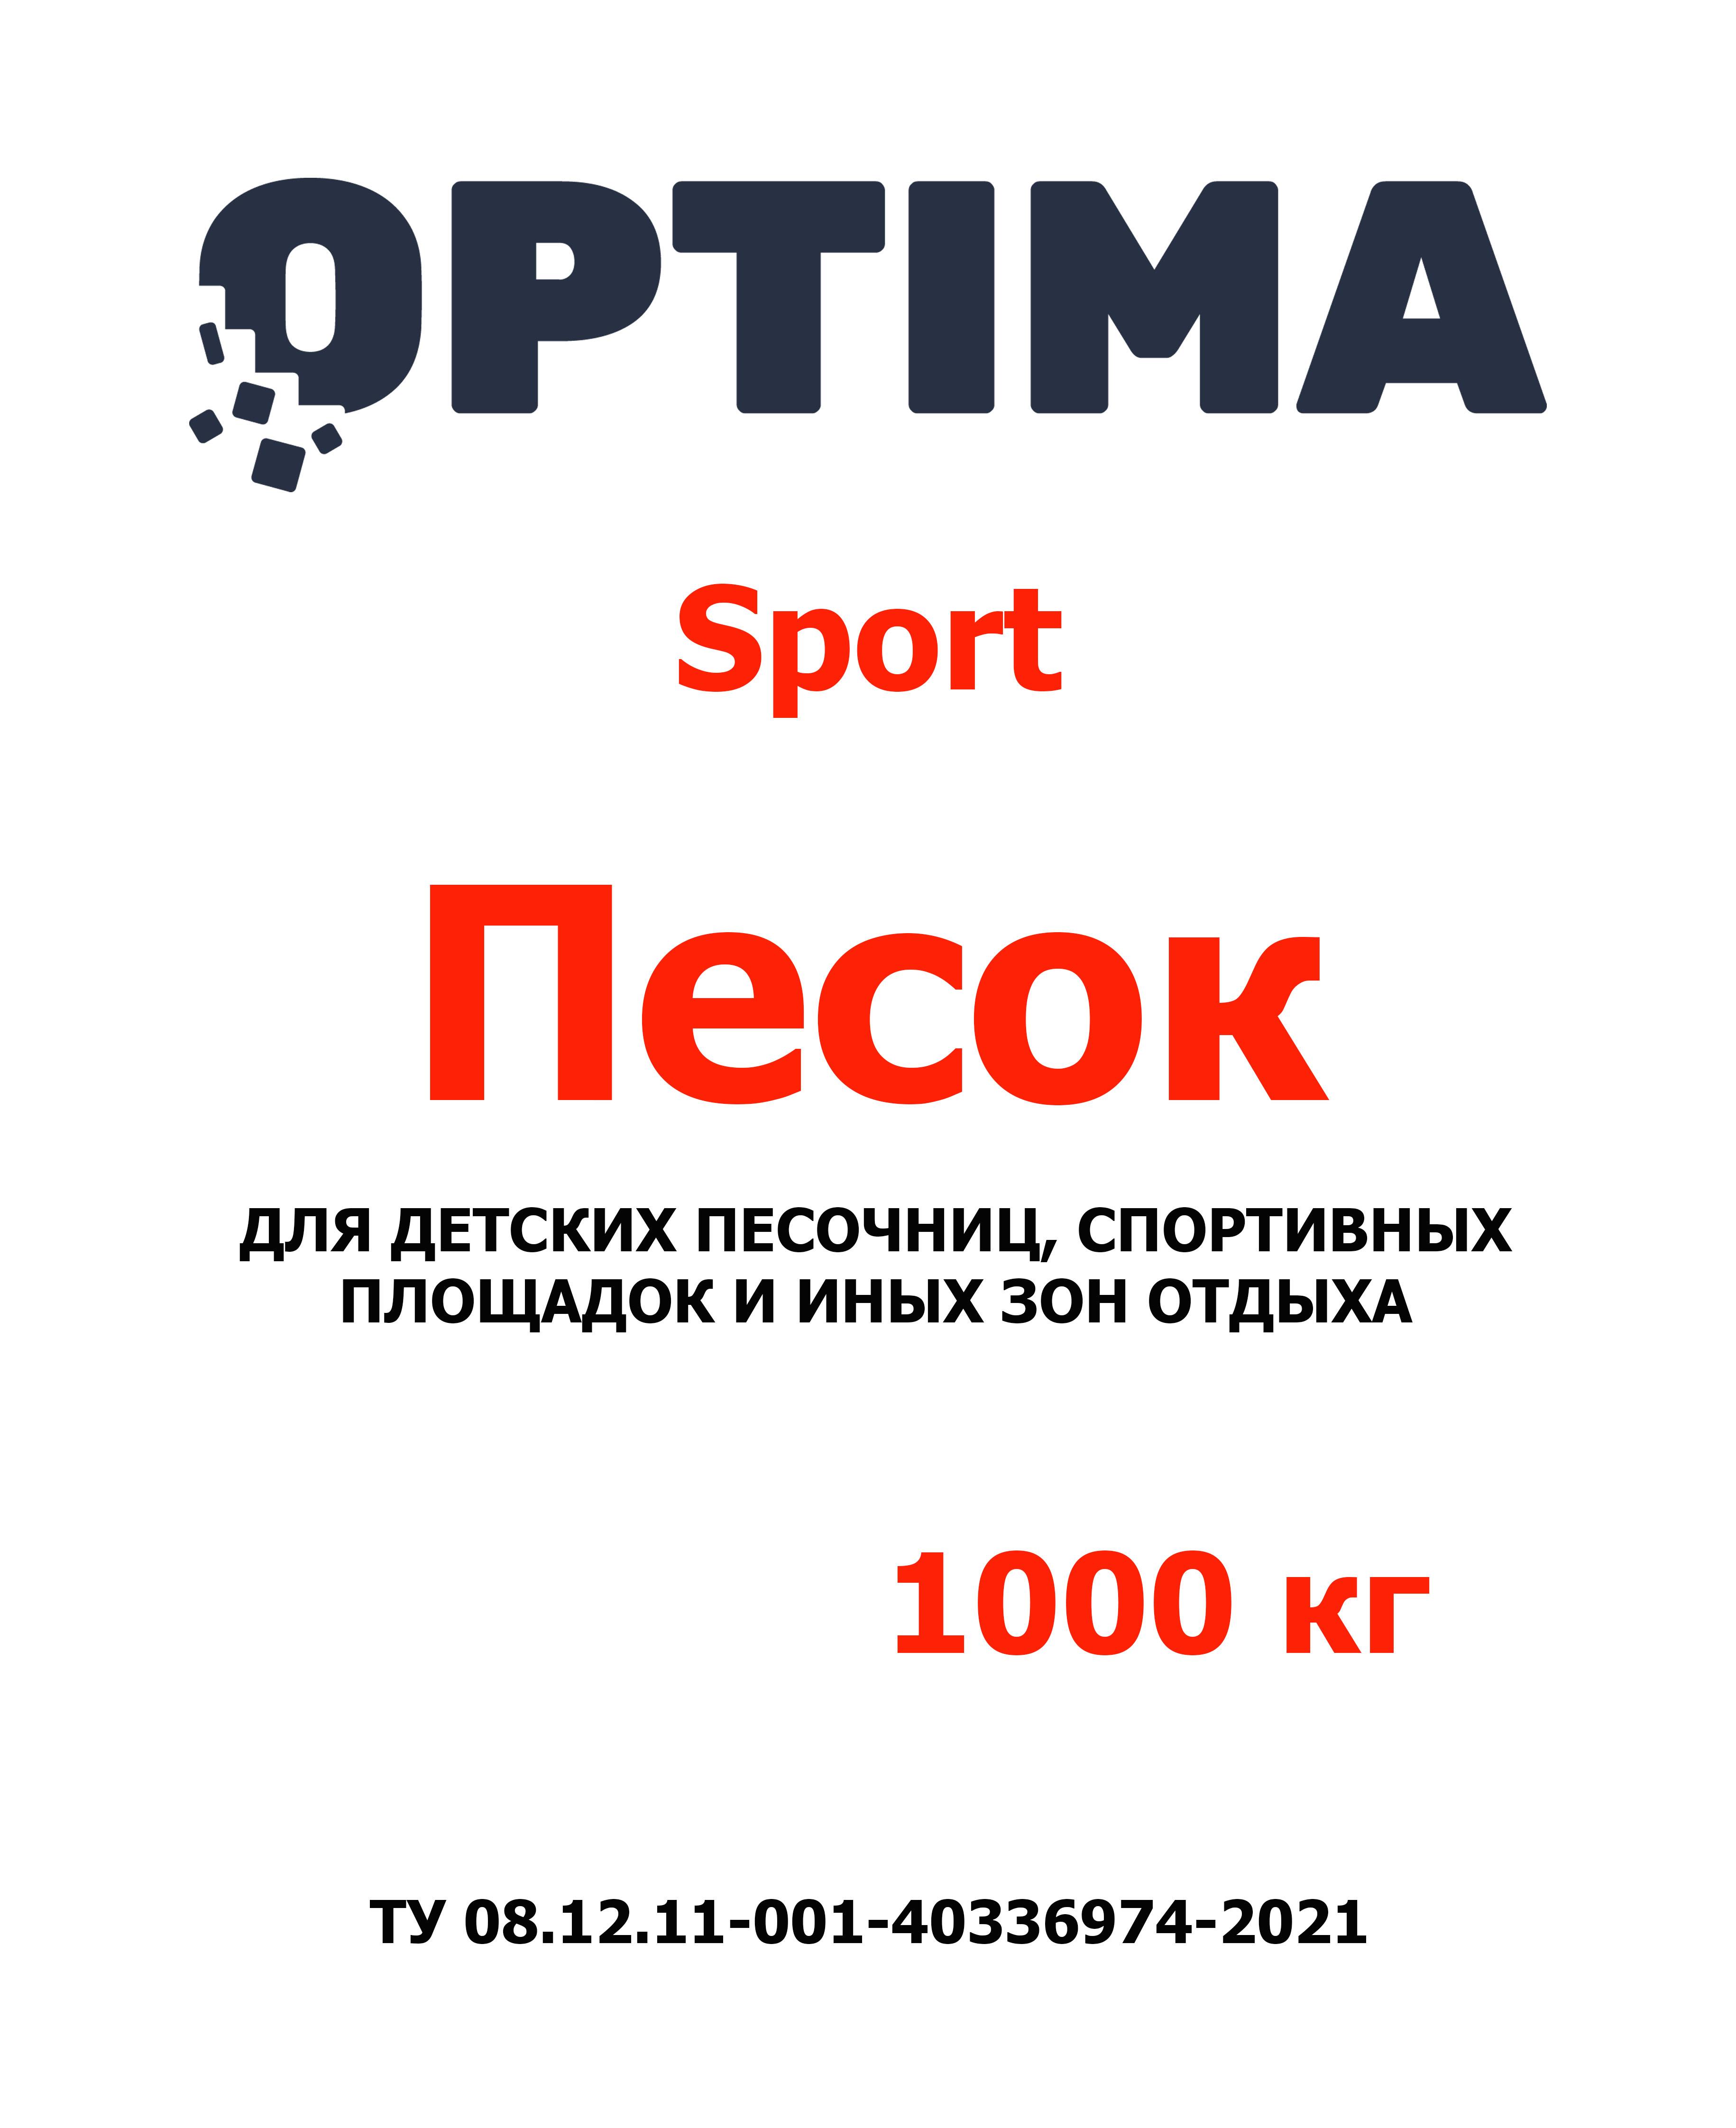 Песок Optima Sport прокаленный в МКР 1000 кг